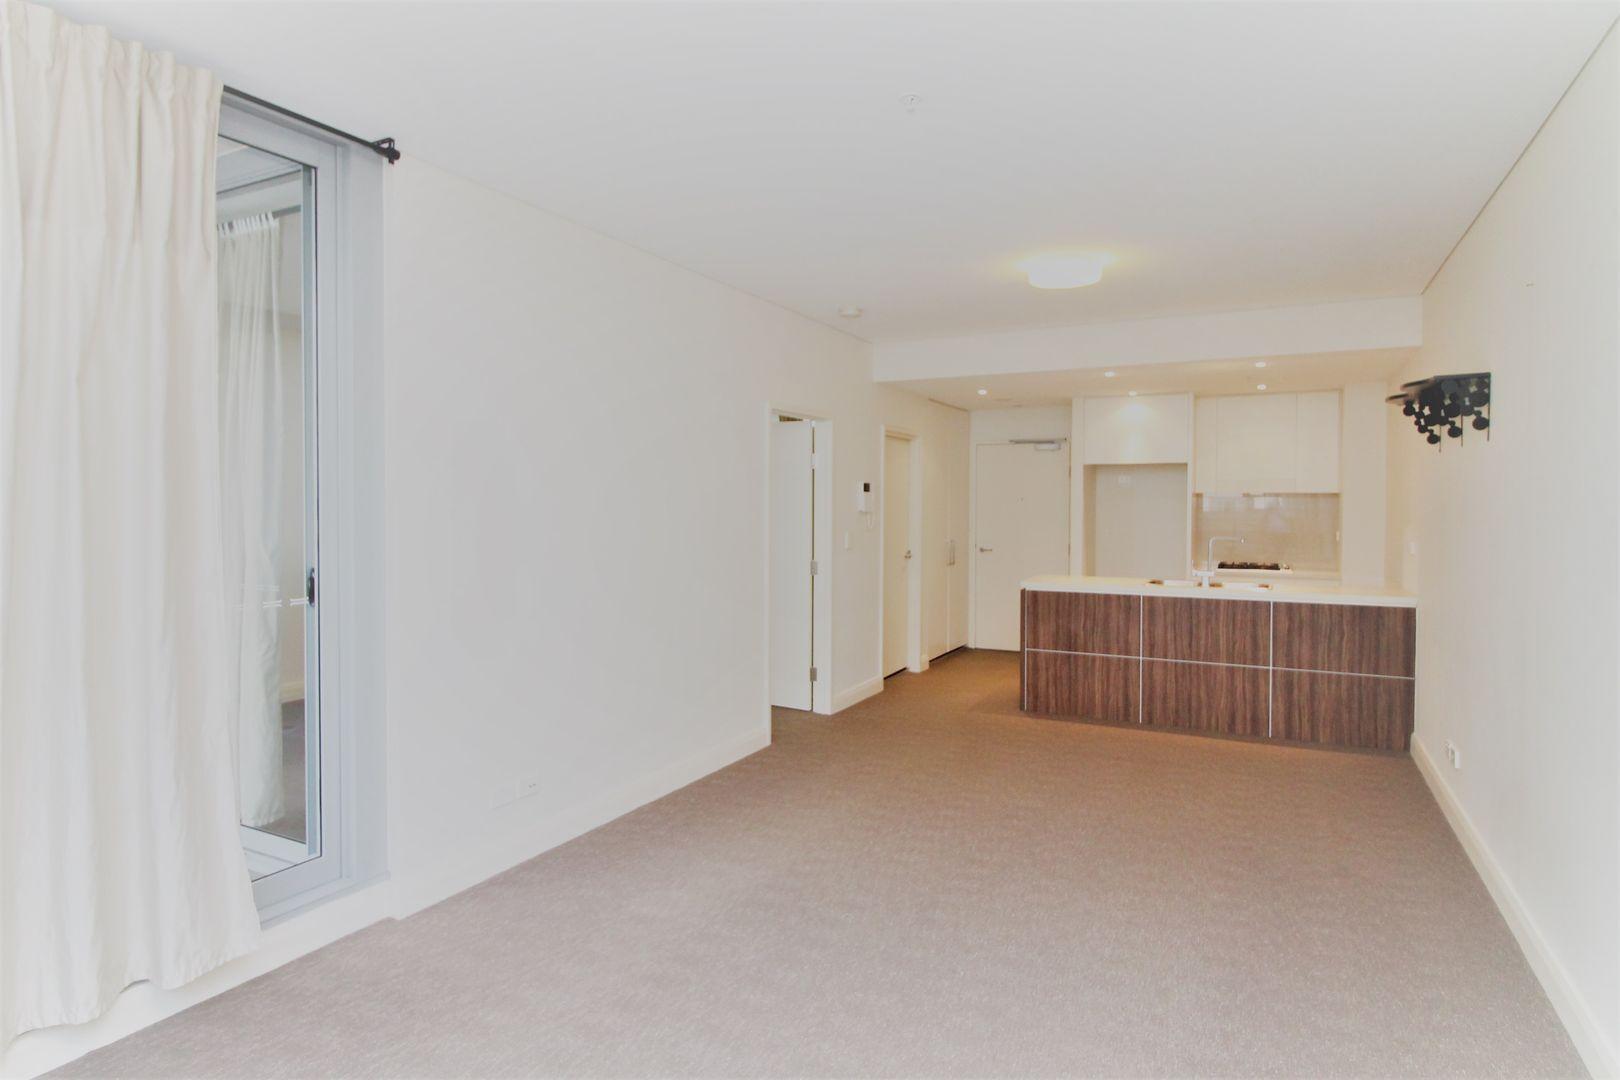 Unit 507/101 Forest Rd, Hurstville NSW 2220, Image 2